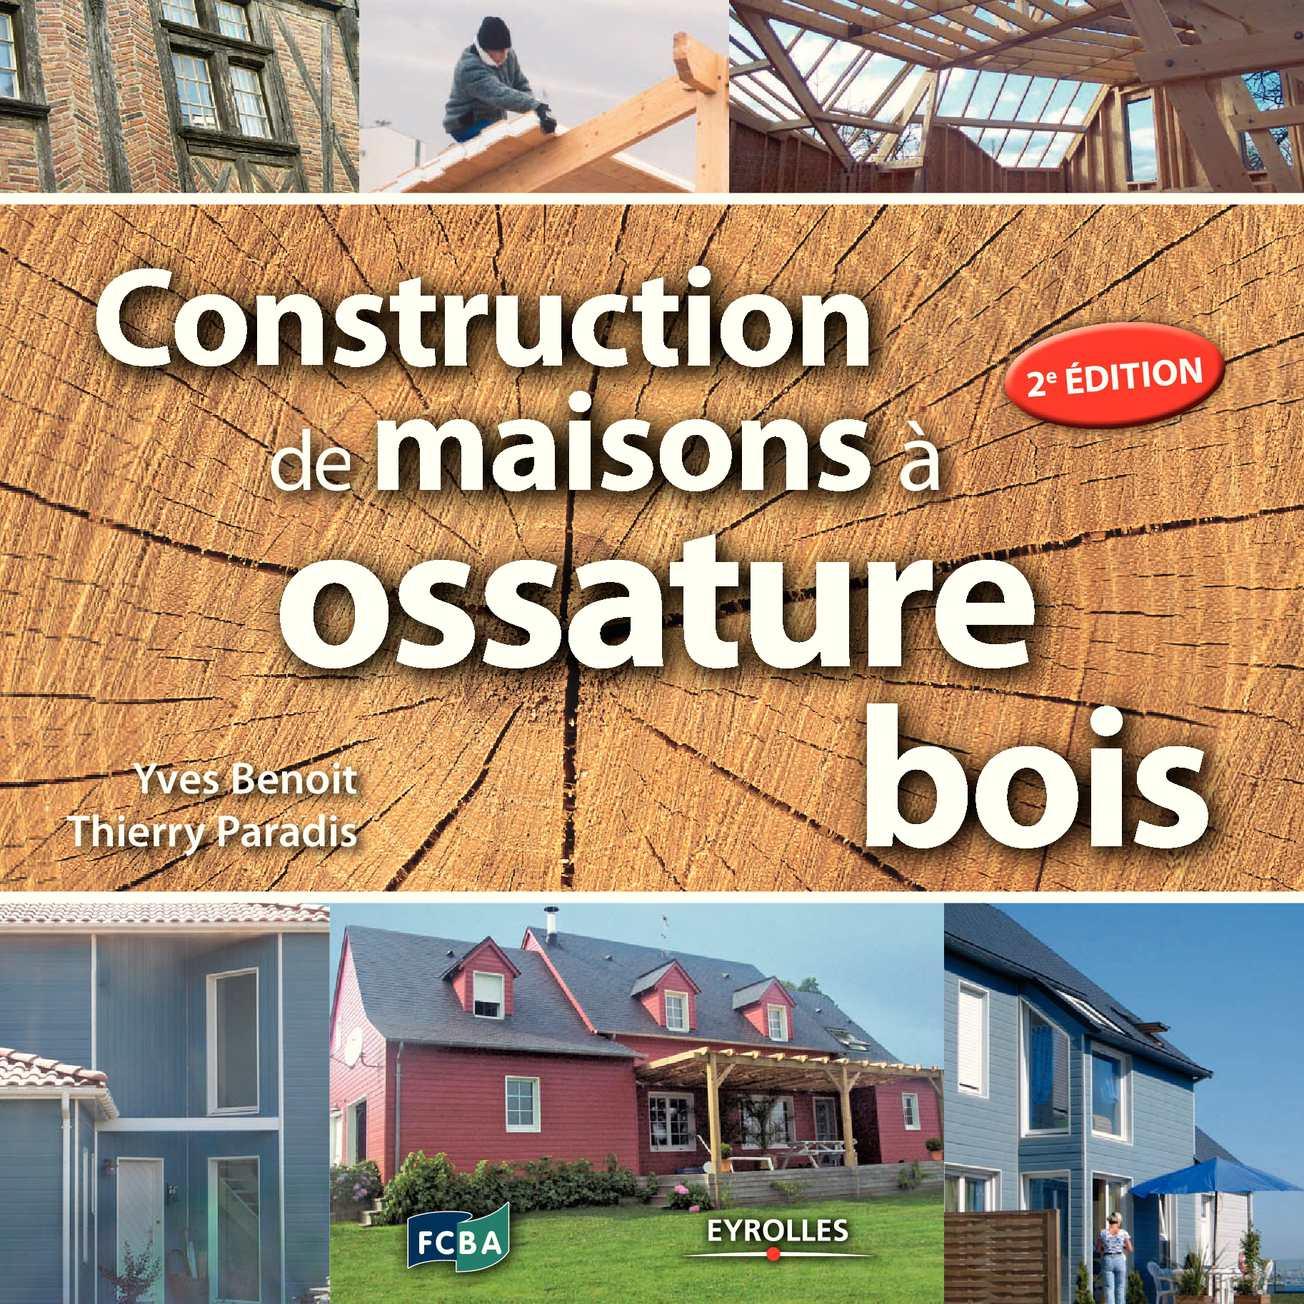 Maison Ossature Bois Suede calaméo - les maisons en bois